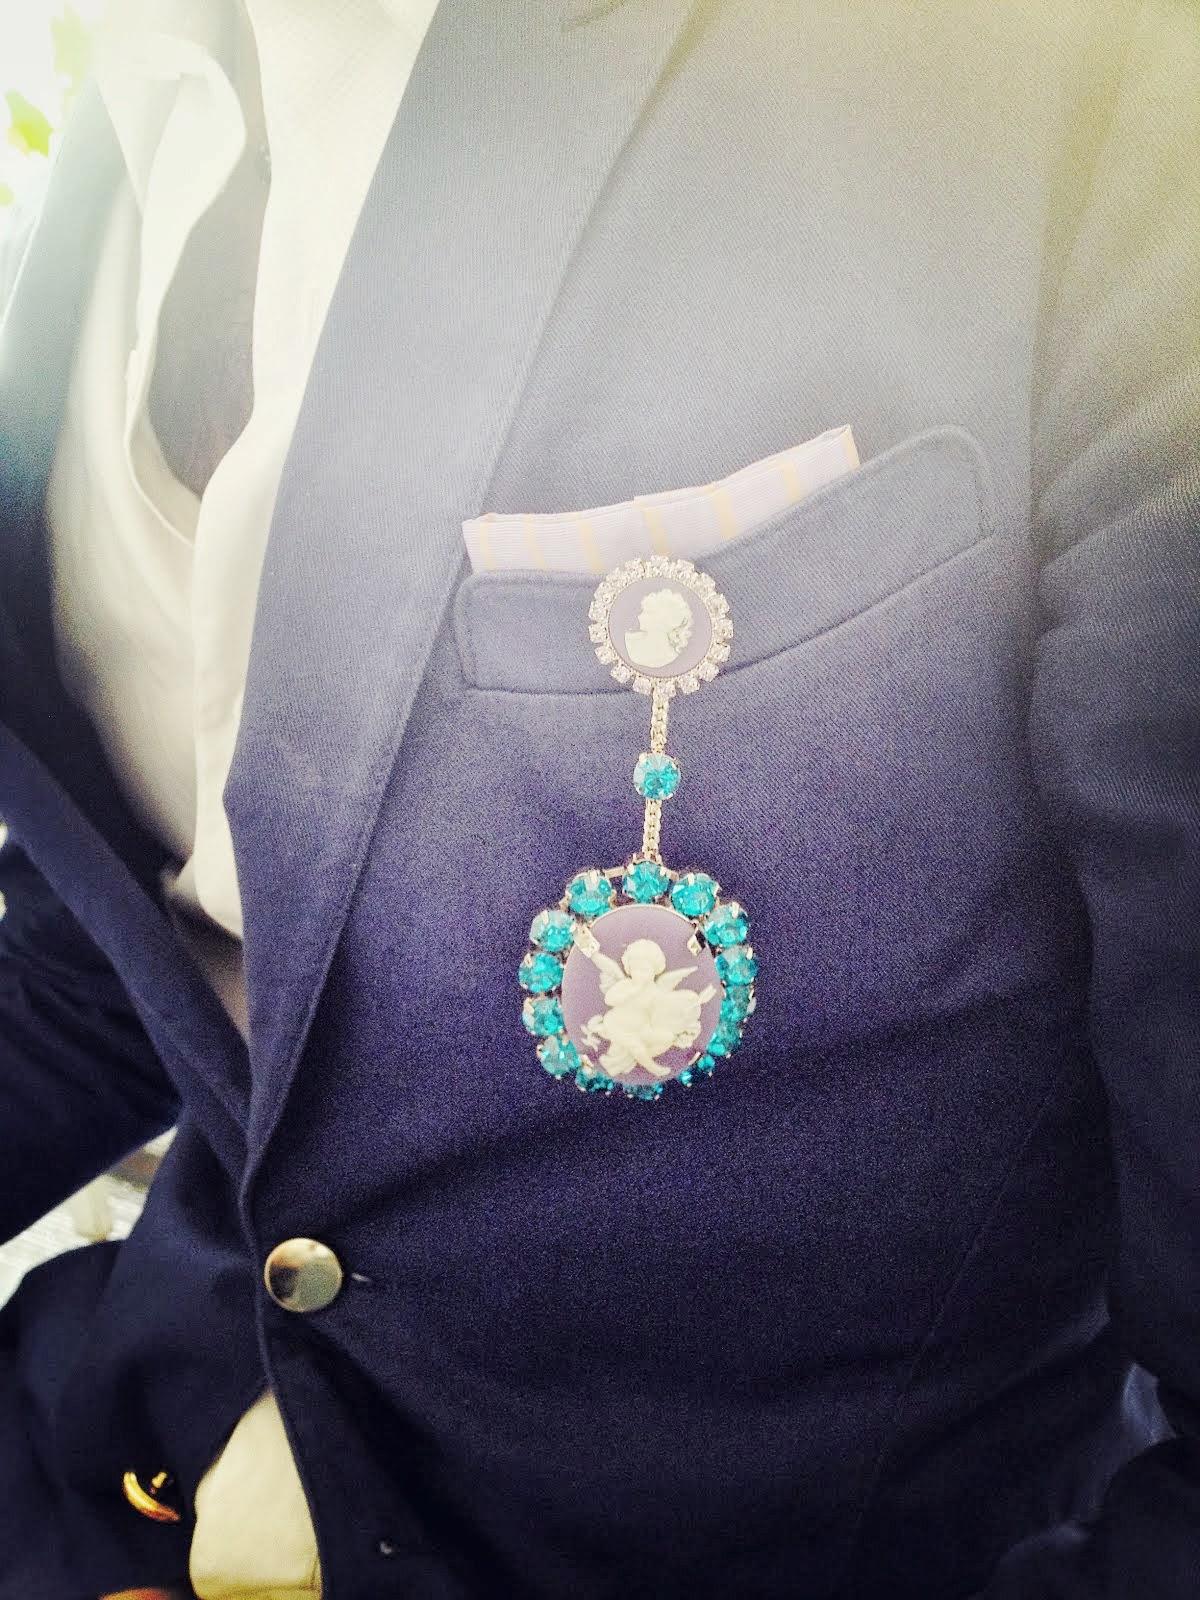 00O00 Menswear Blog: Halaby Cameo Pins